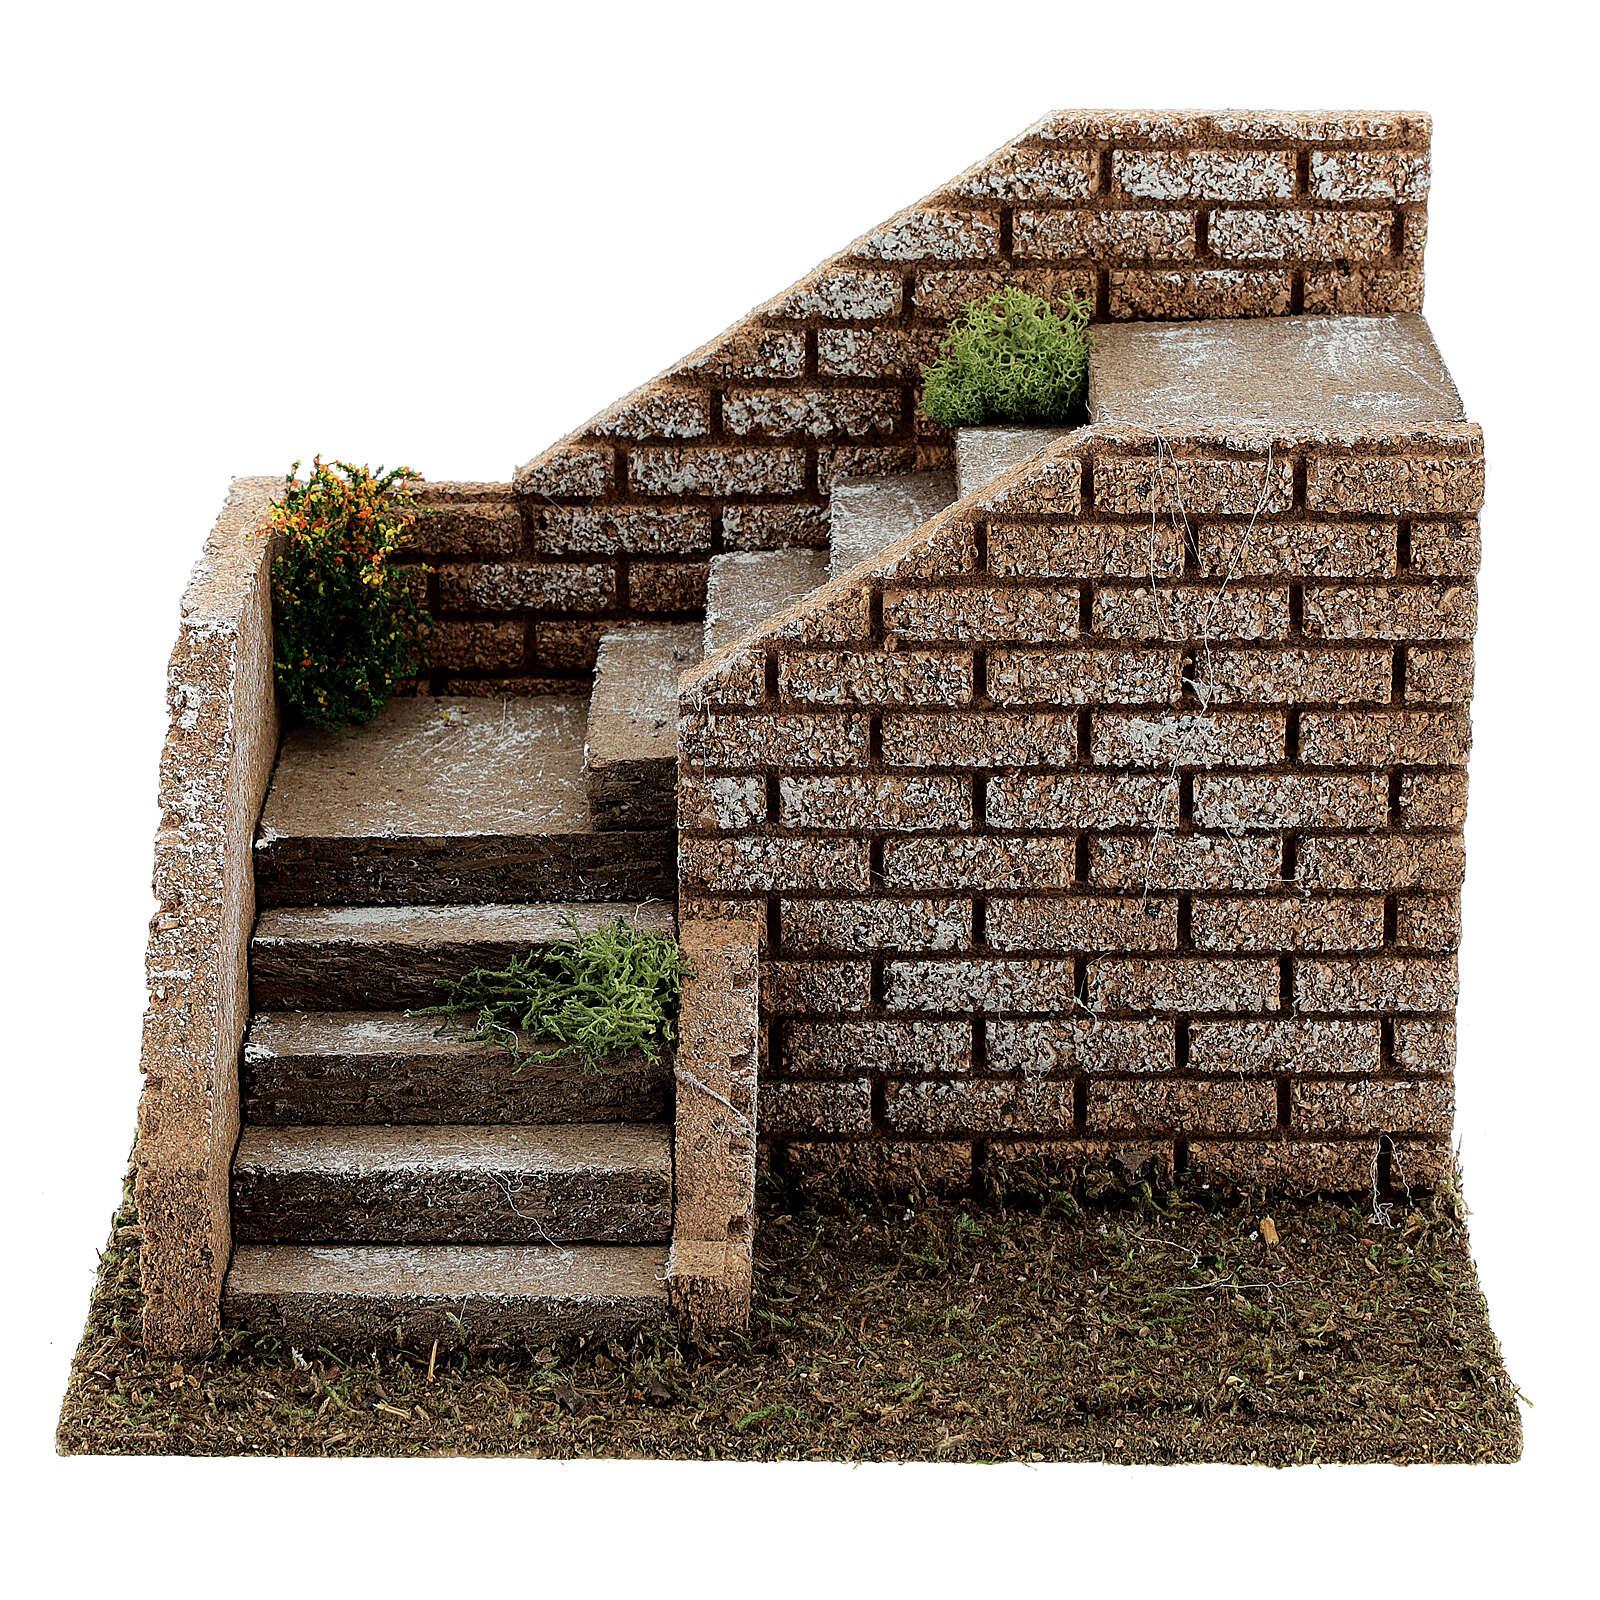 Escalinata angular mampostería 20x15x15 cm belenes 8-12 cm 4